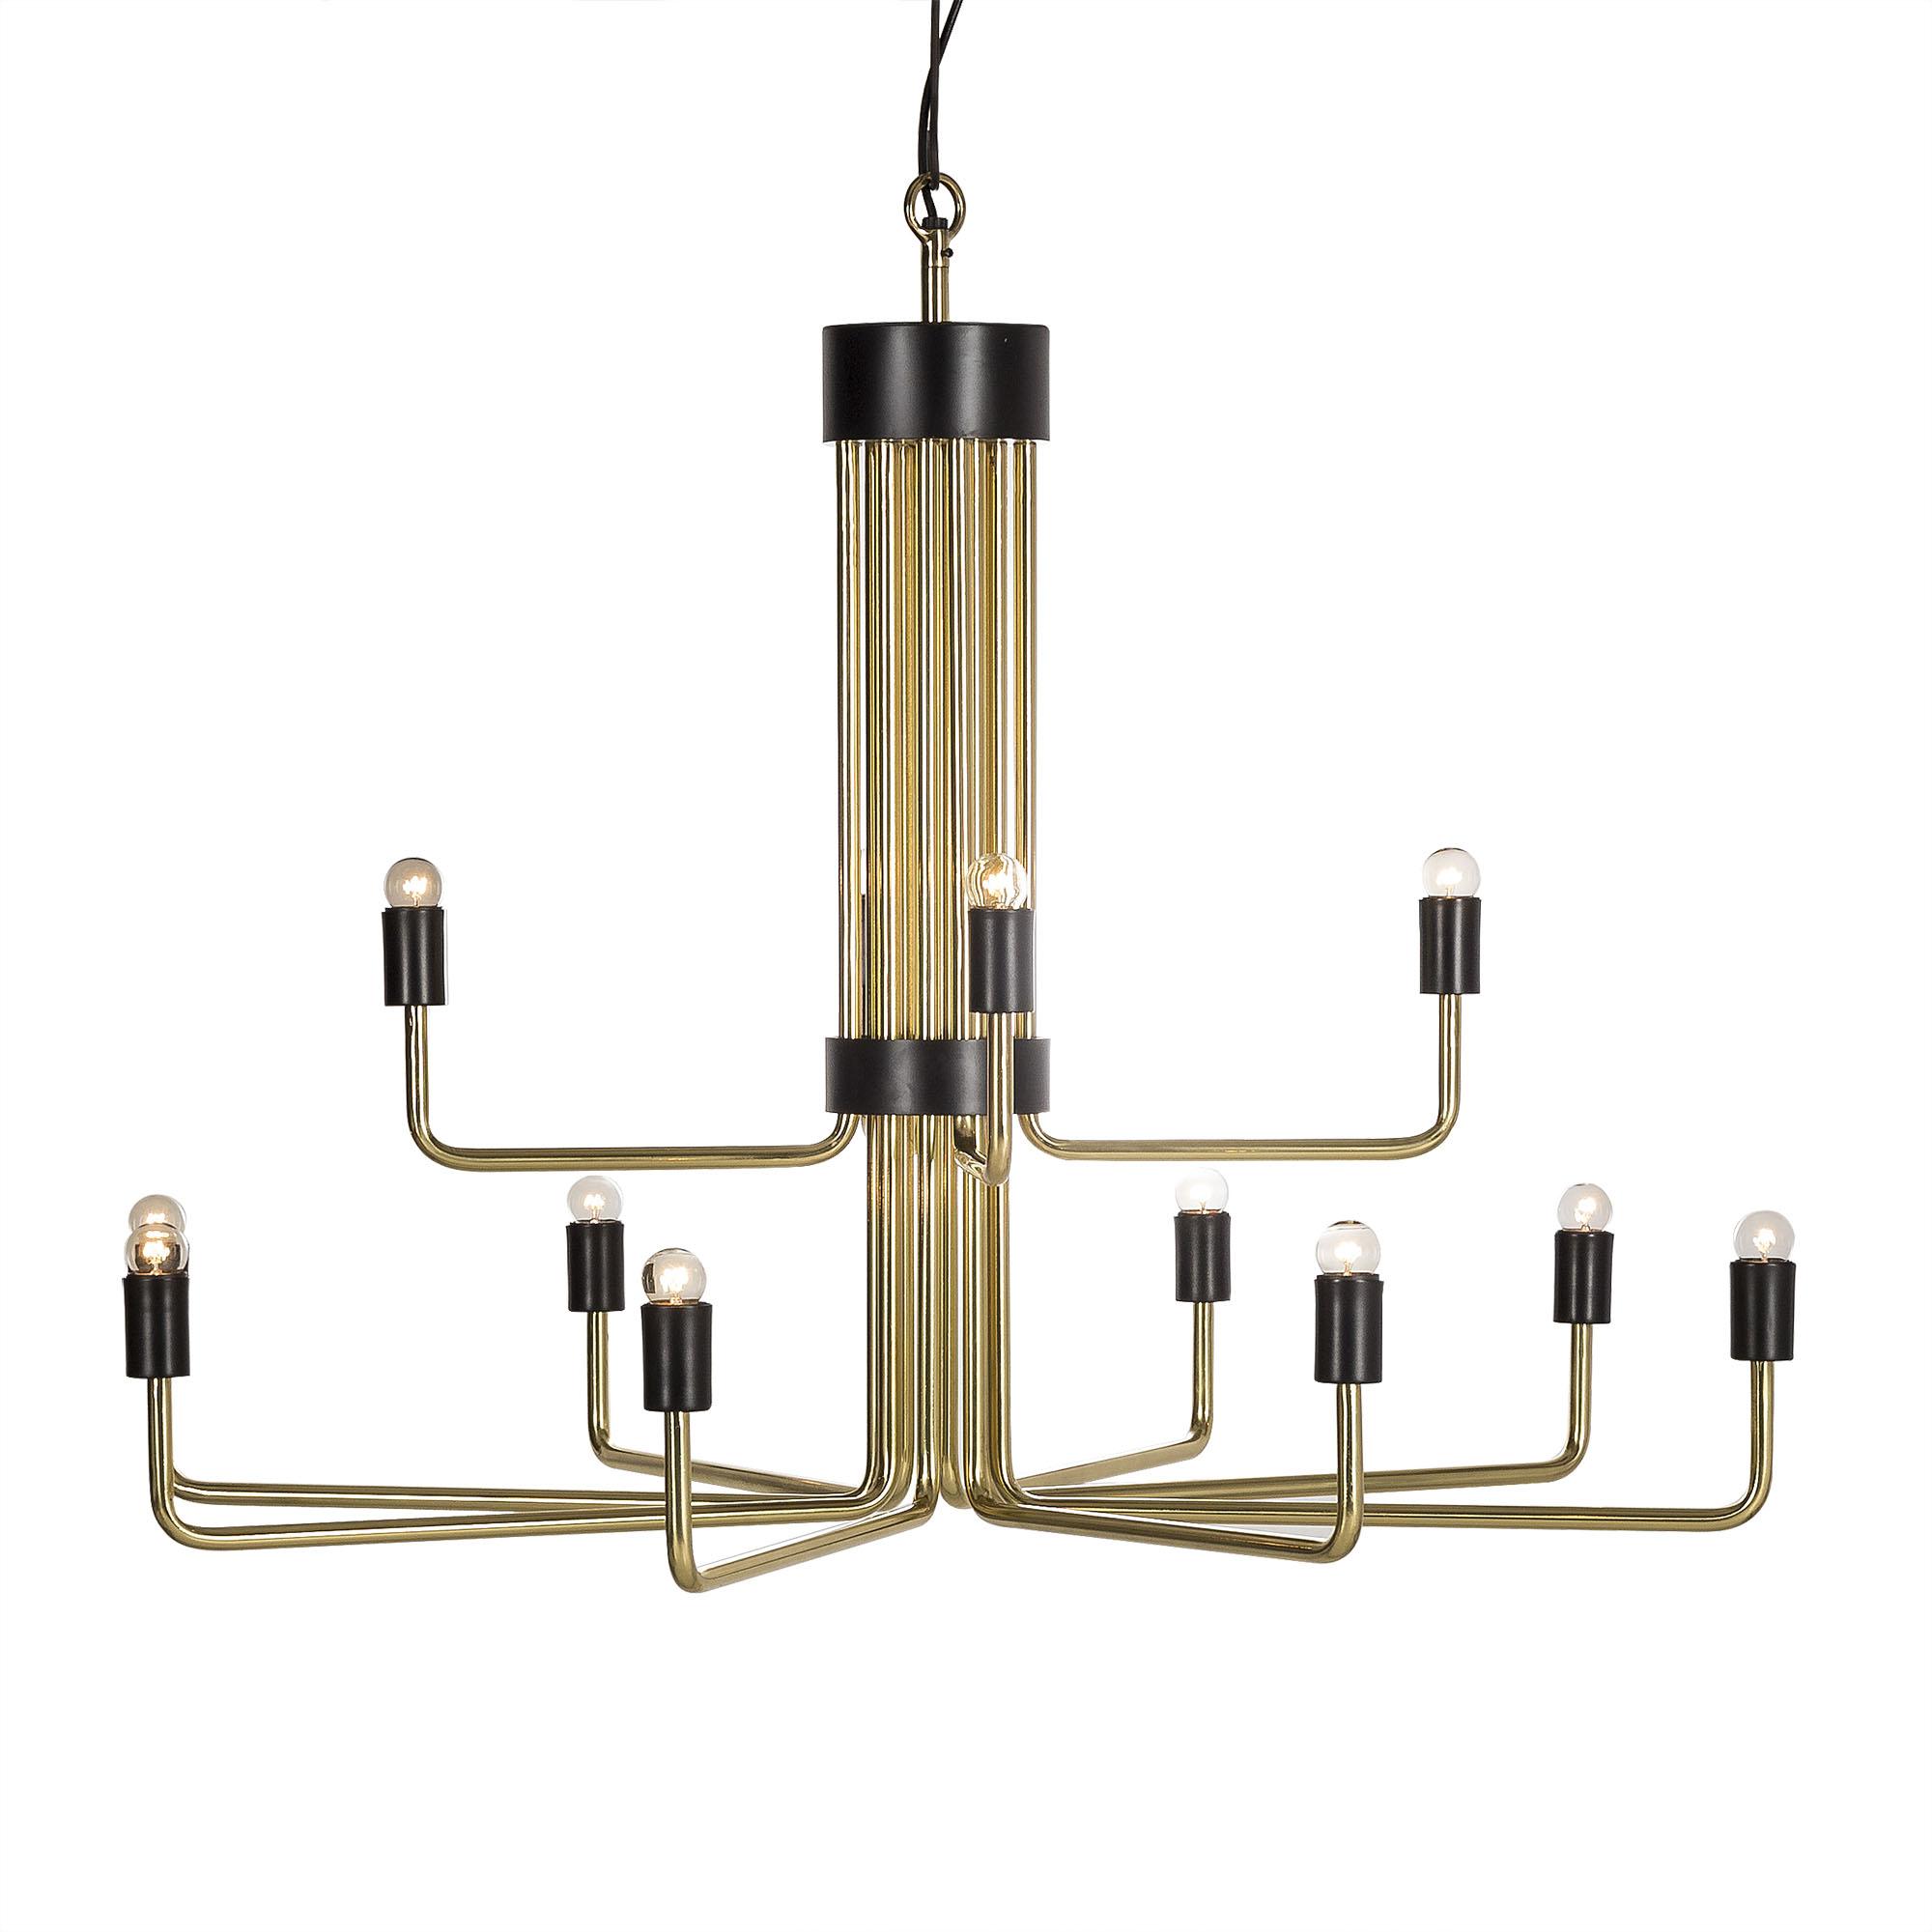 Nellcote_Studio_ceiling_lamp.jpg